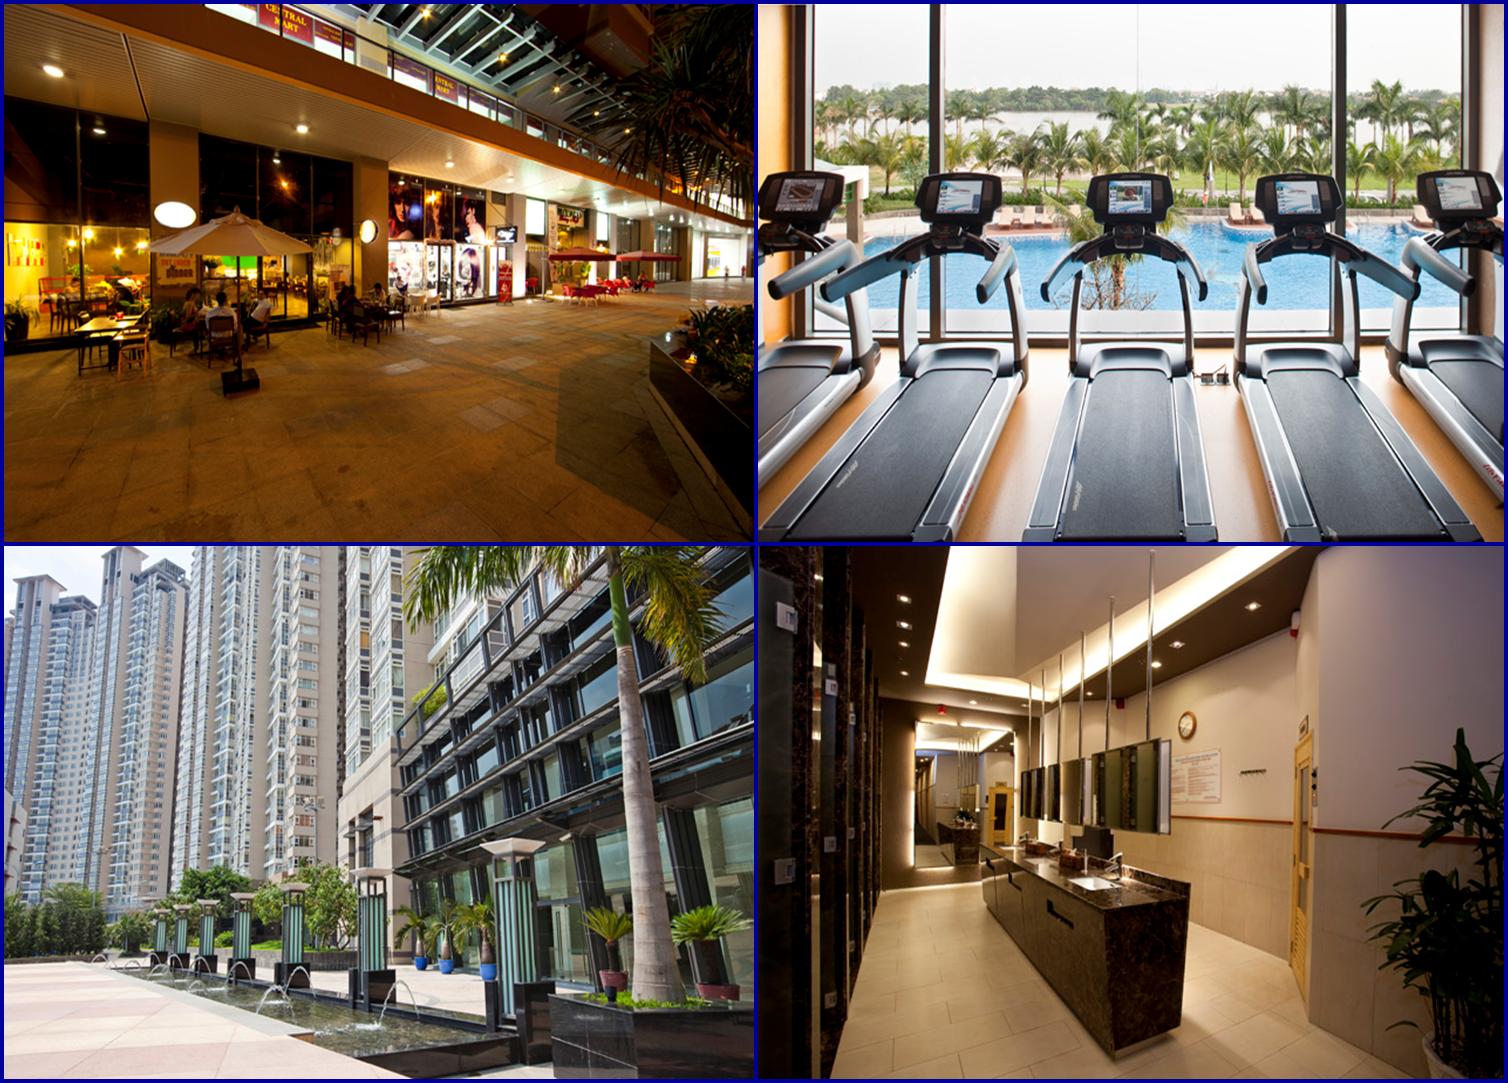 Saigon-pearl-tien-ich-quan-binh-thanh-district-cho-thue-for-rent